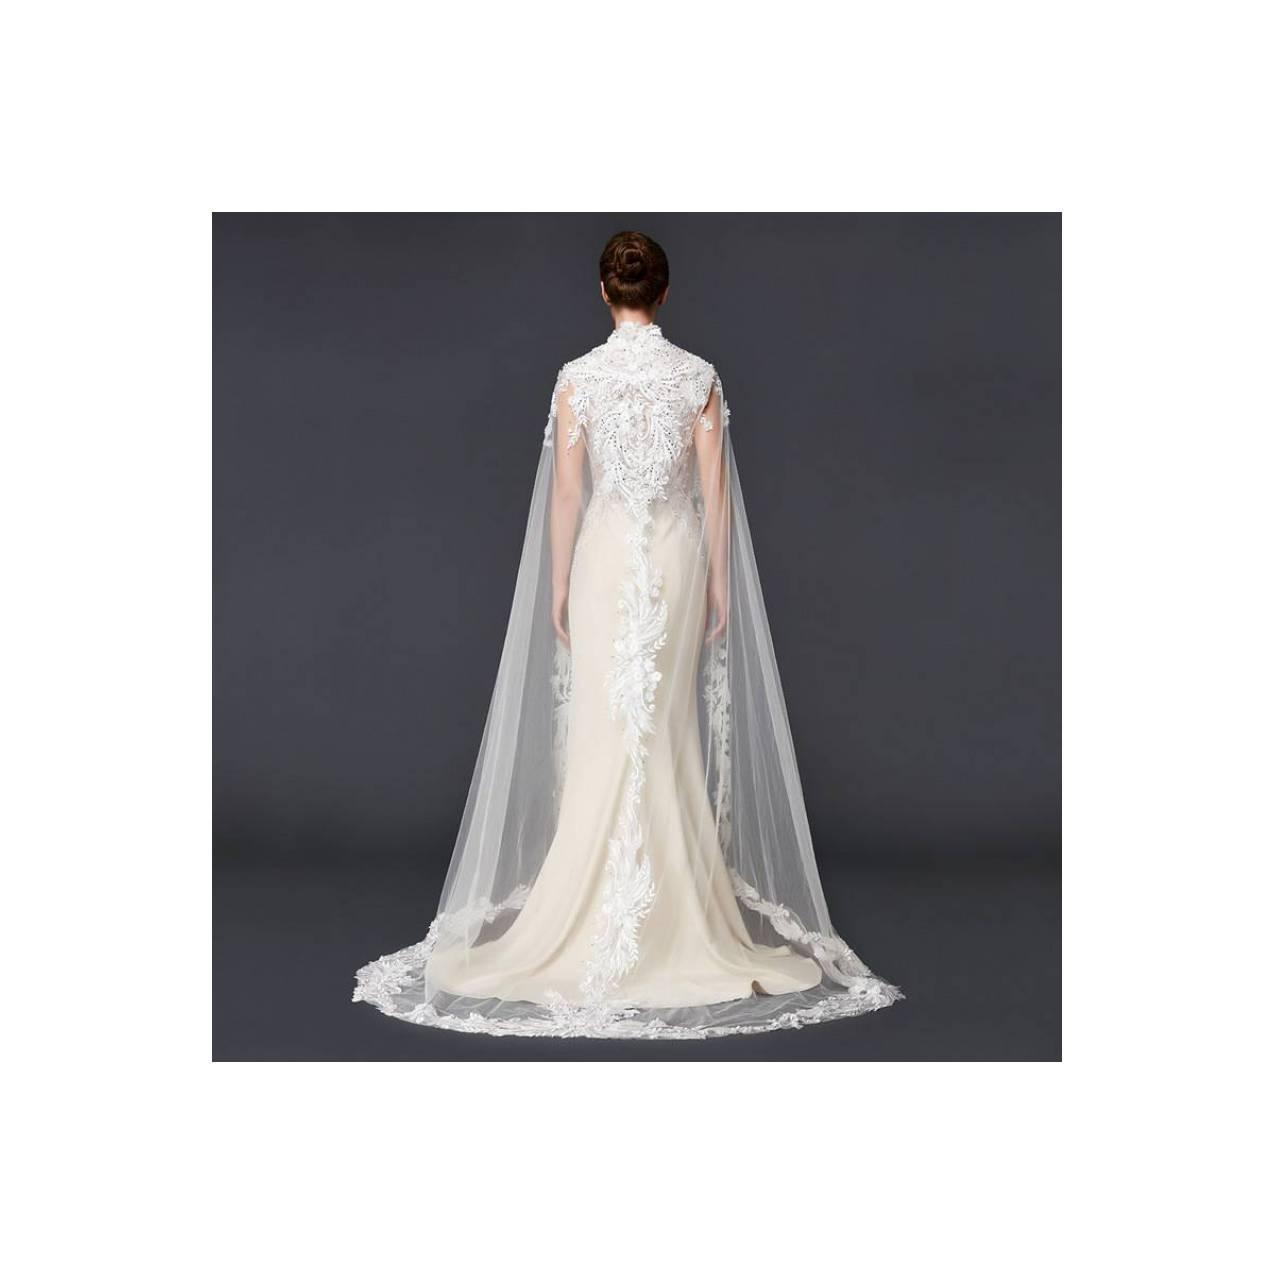 TS K725 S140 Gaun Kebaya Modern Gaun Pengantin Wedding Muslim Import